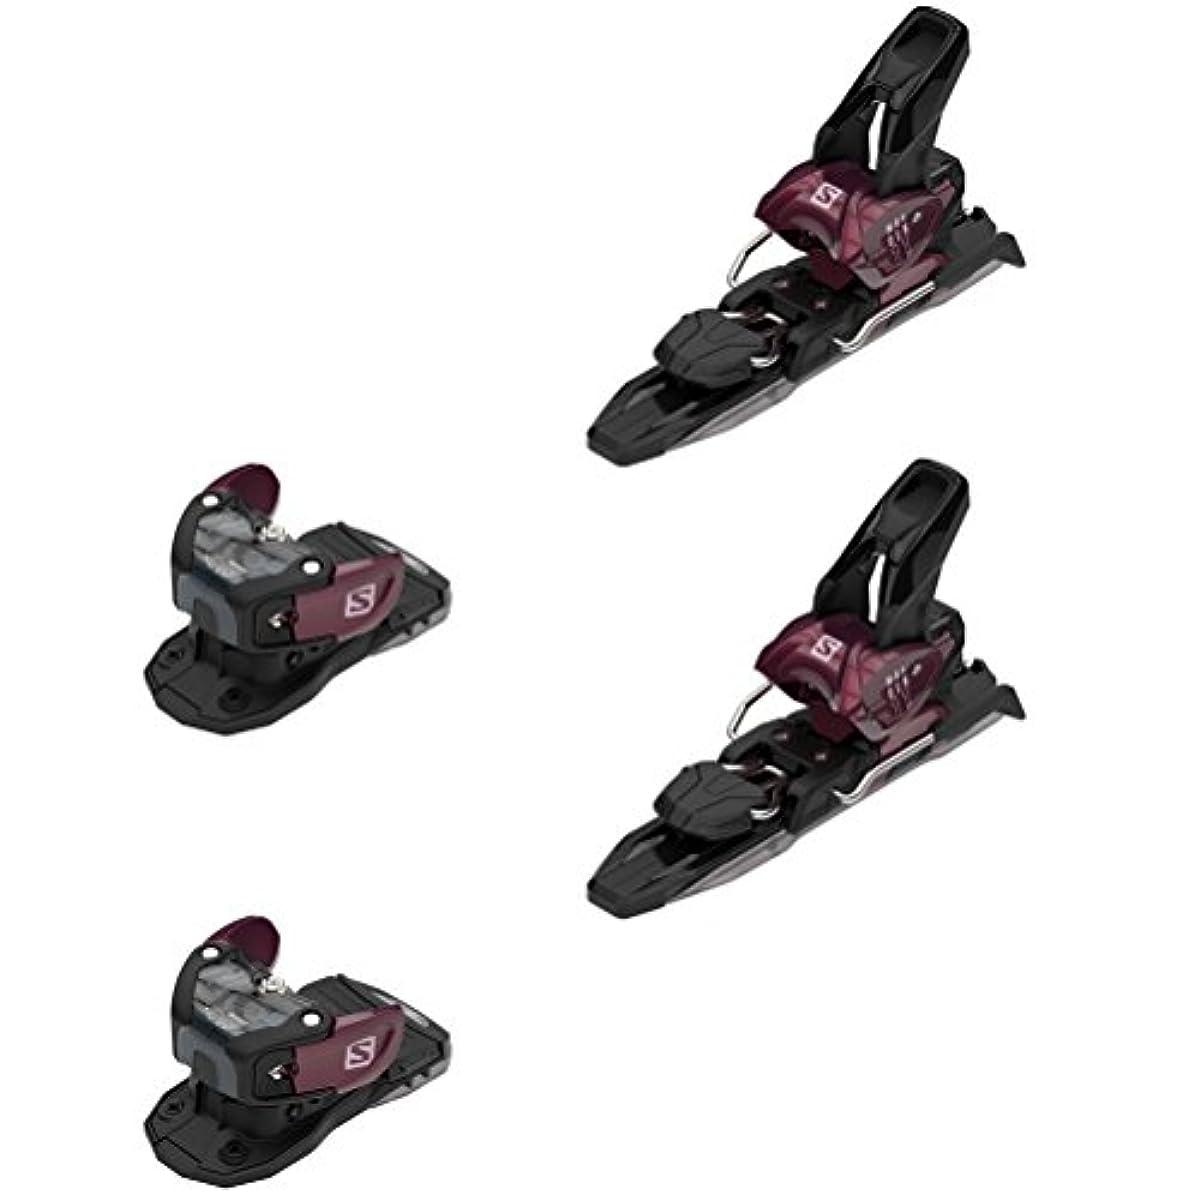 [해외] SALOMON WARDEN MNC 11 스키 바인딩